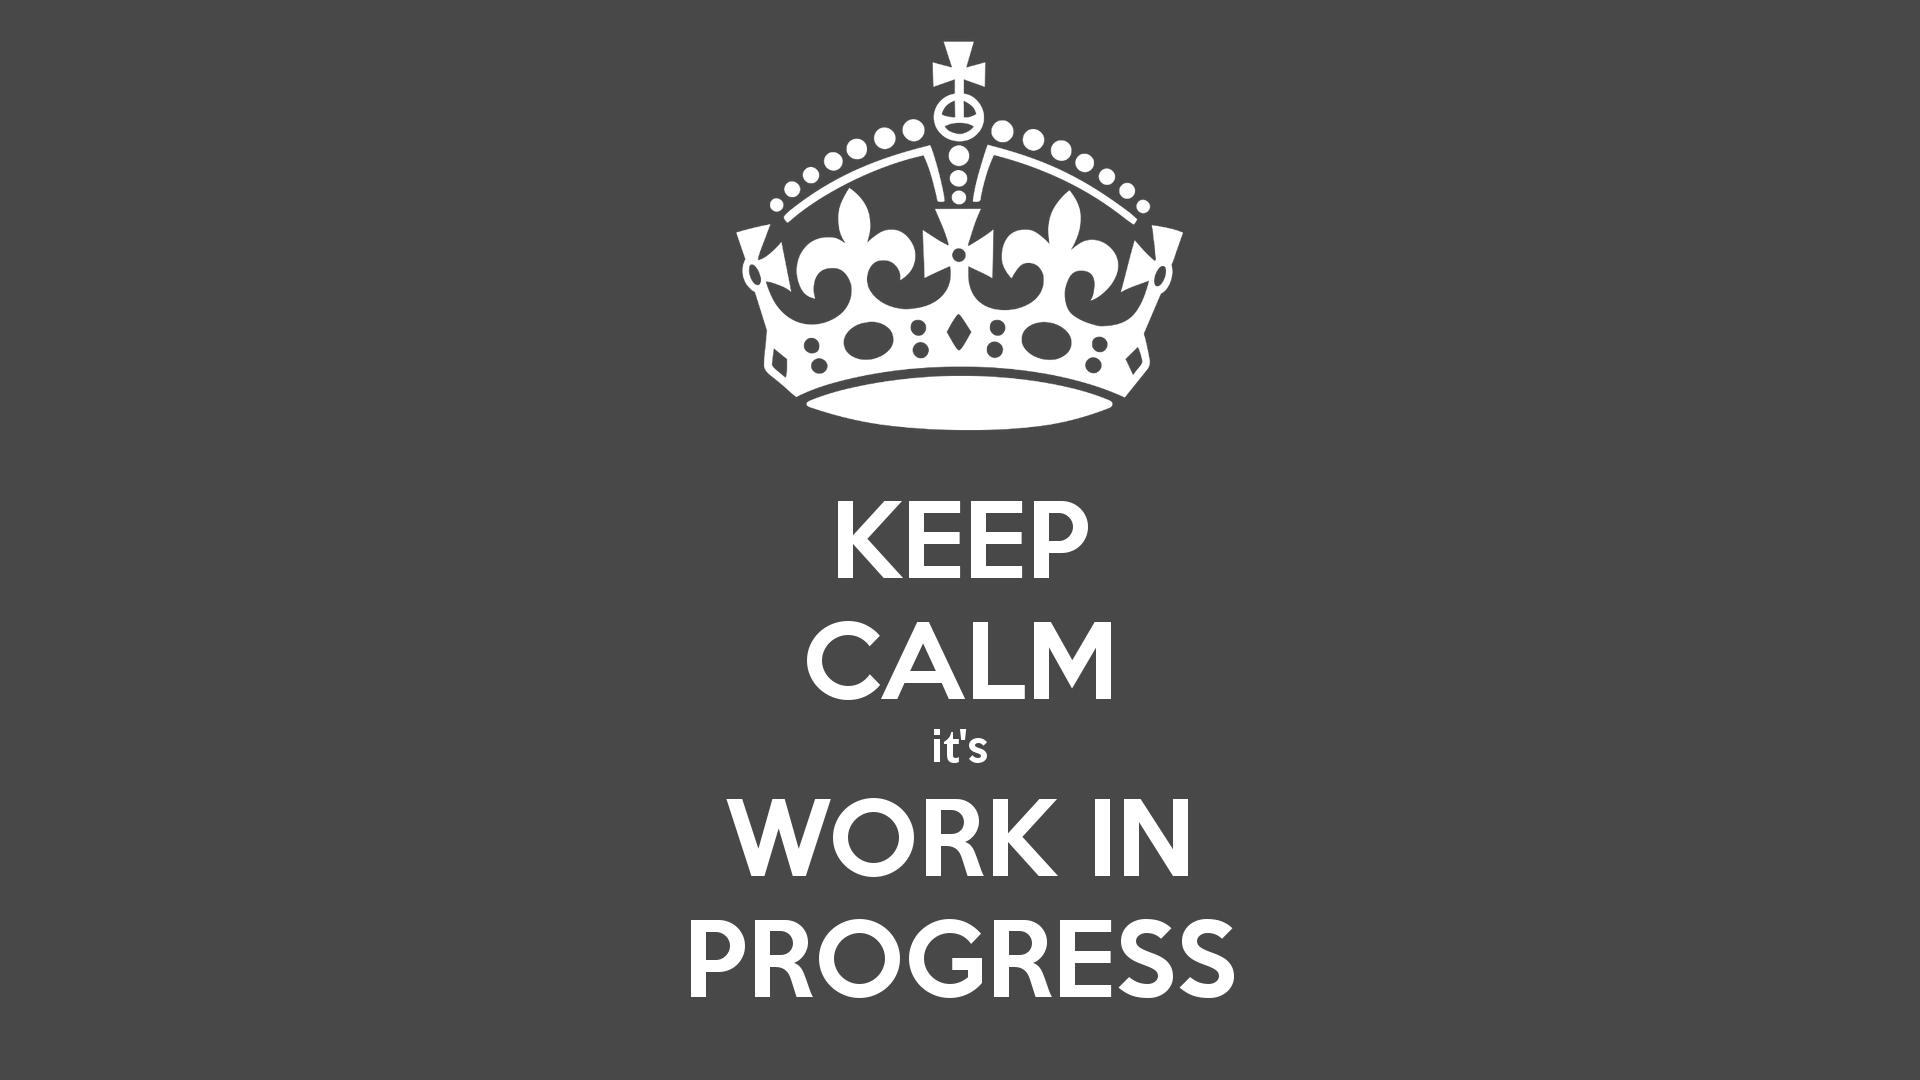 keep-calm-it-s-work-in-progress-1